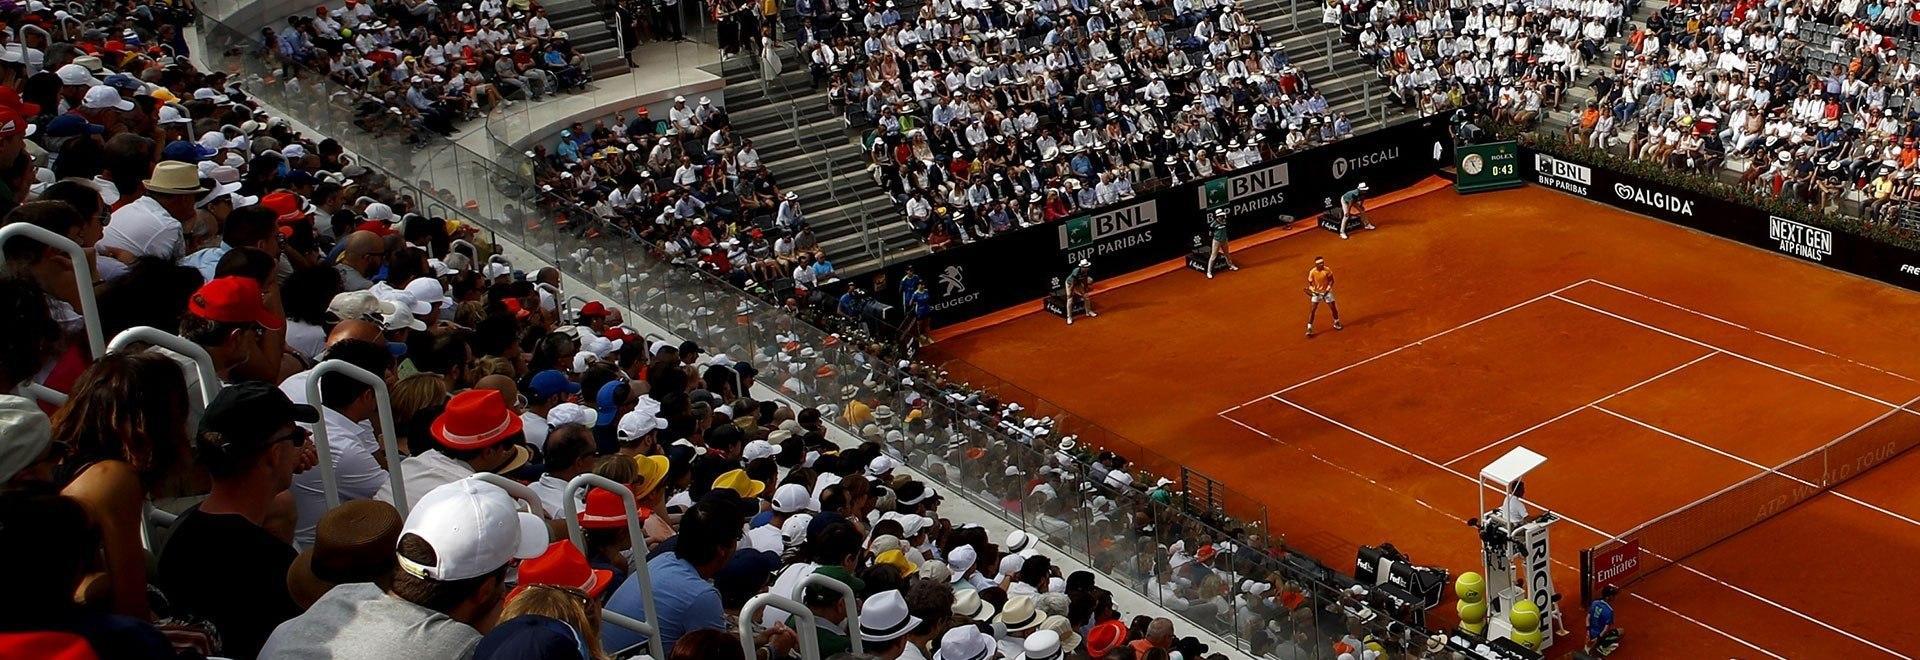 ATP Roma 2012